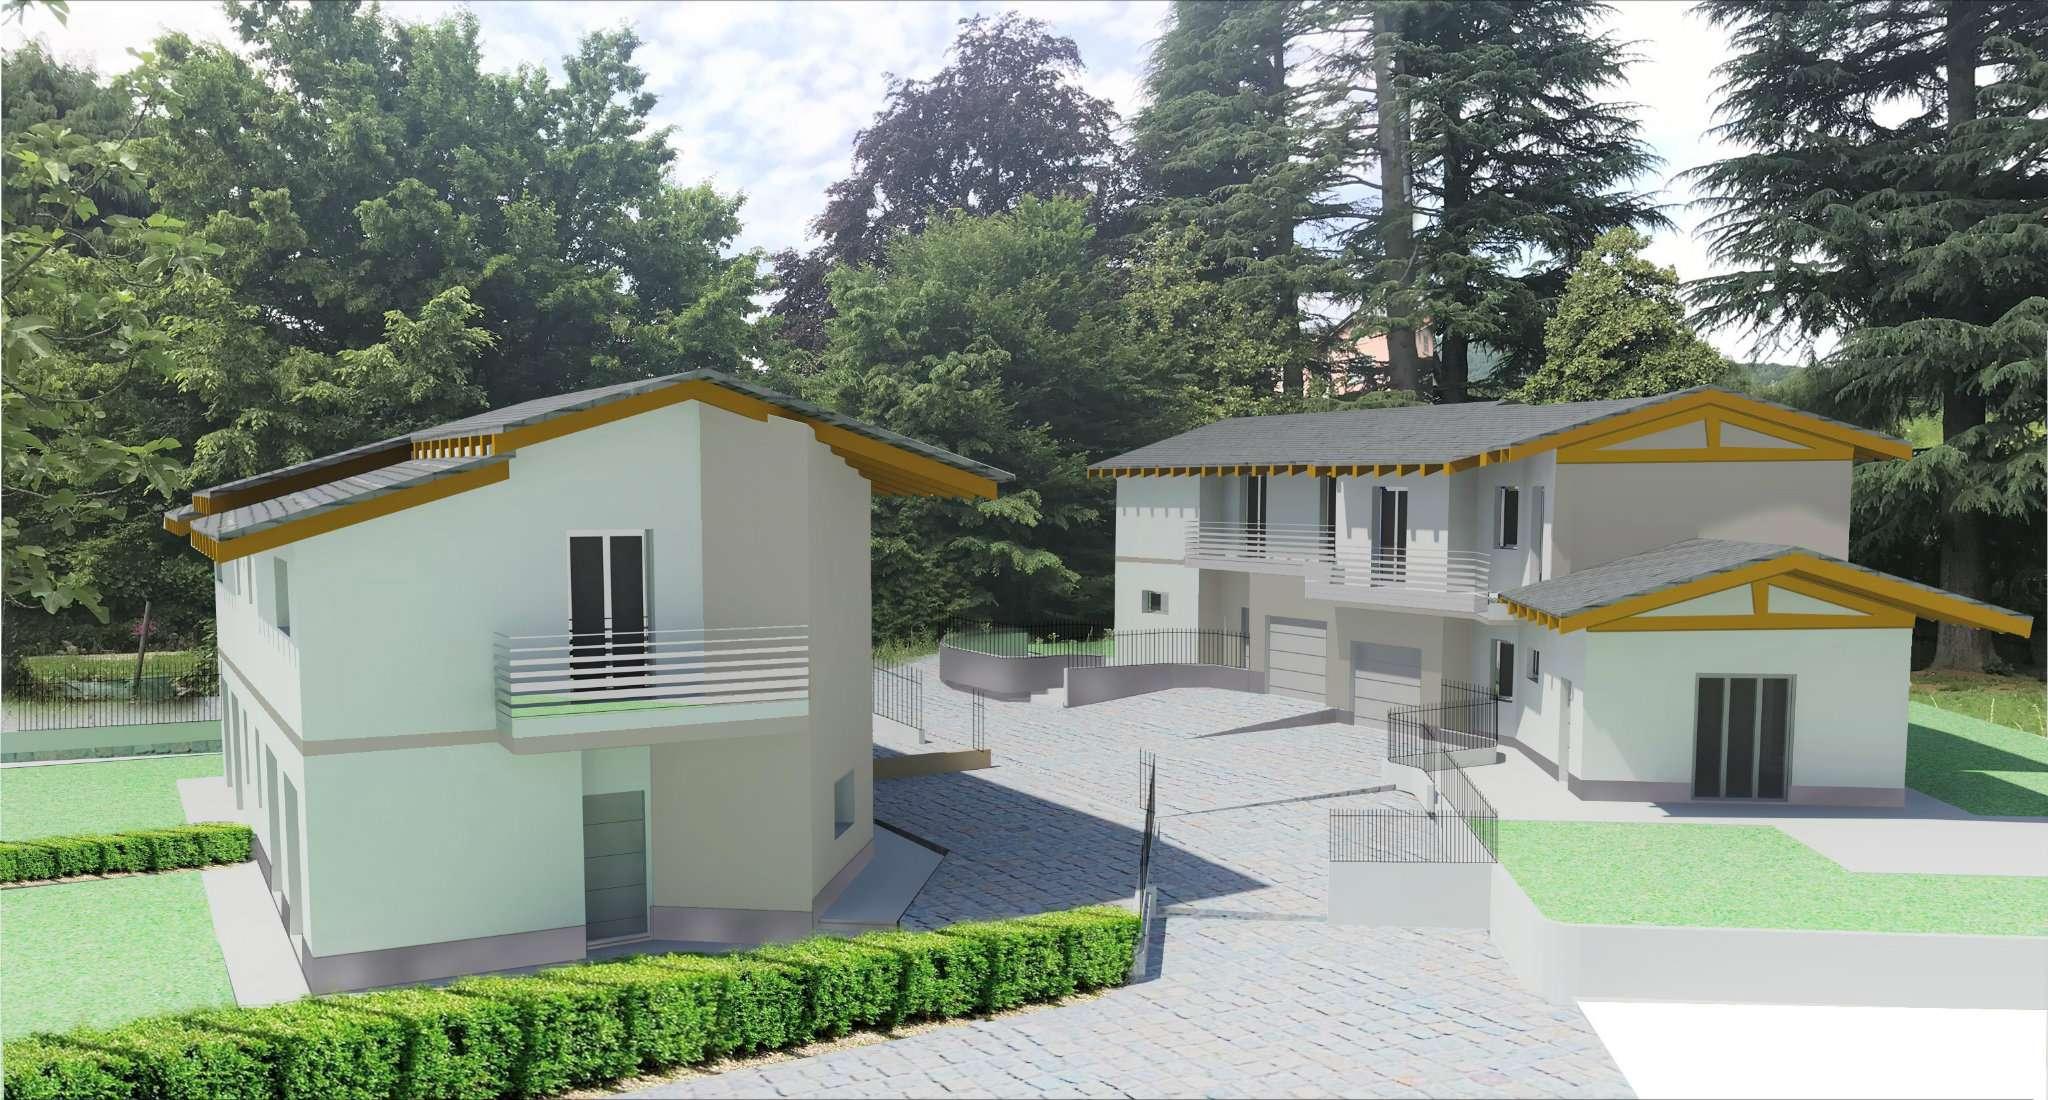 Villa in vendita a Viggiù, 4 locali, Trattative riservate | PortaleAgenzieImmobiliari.it